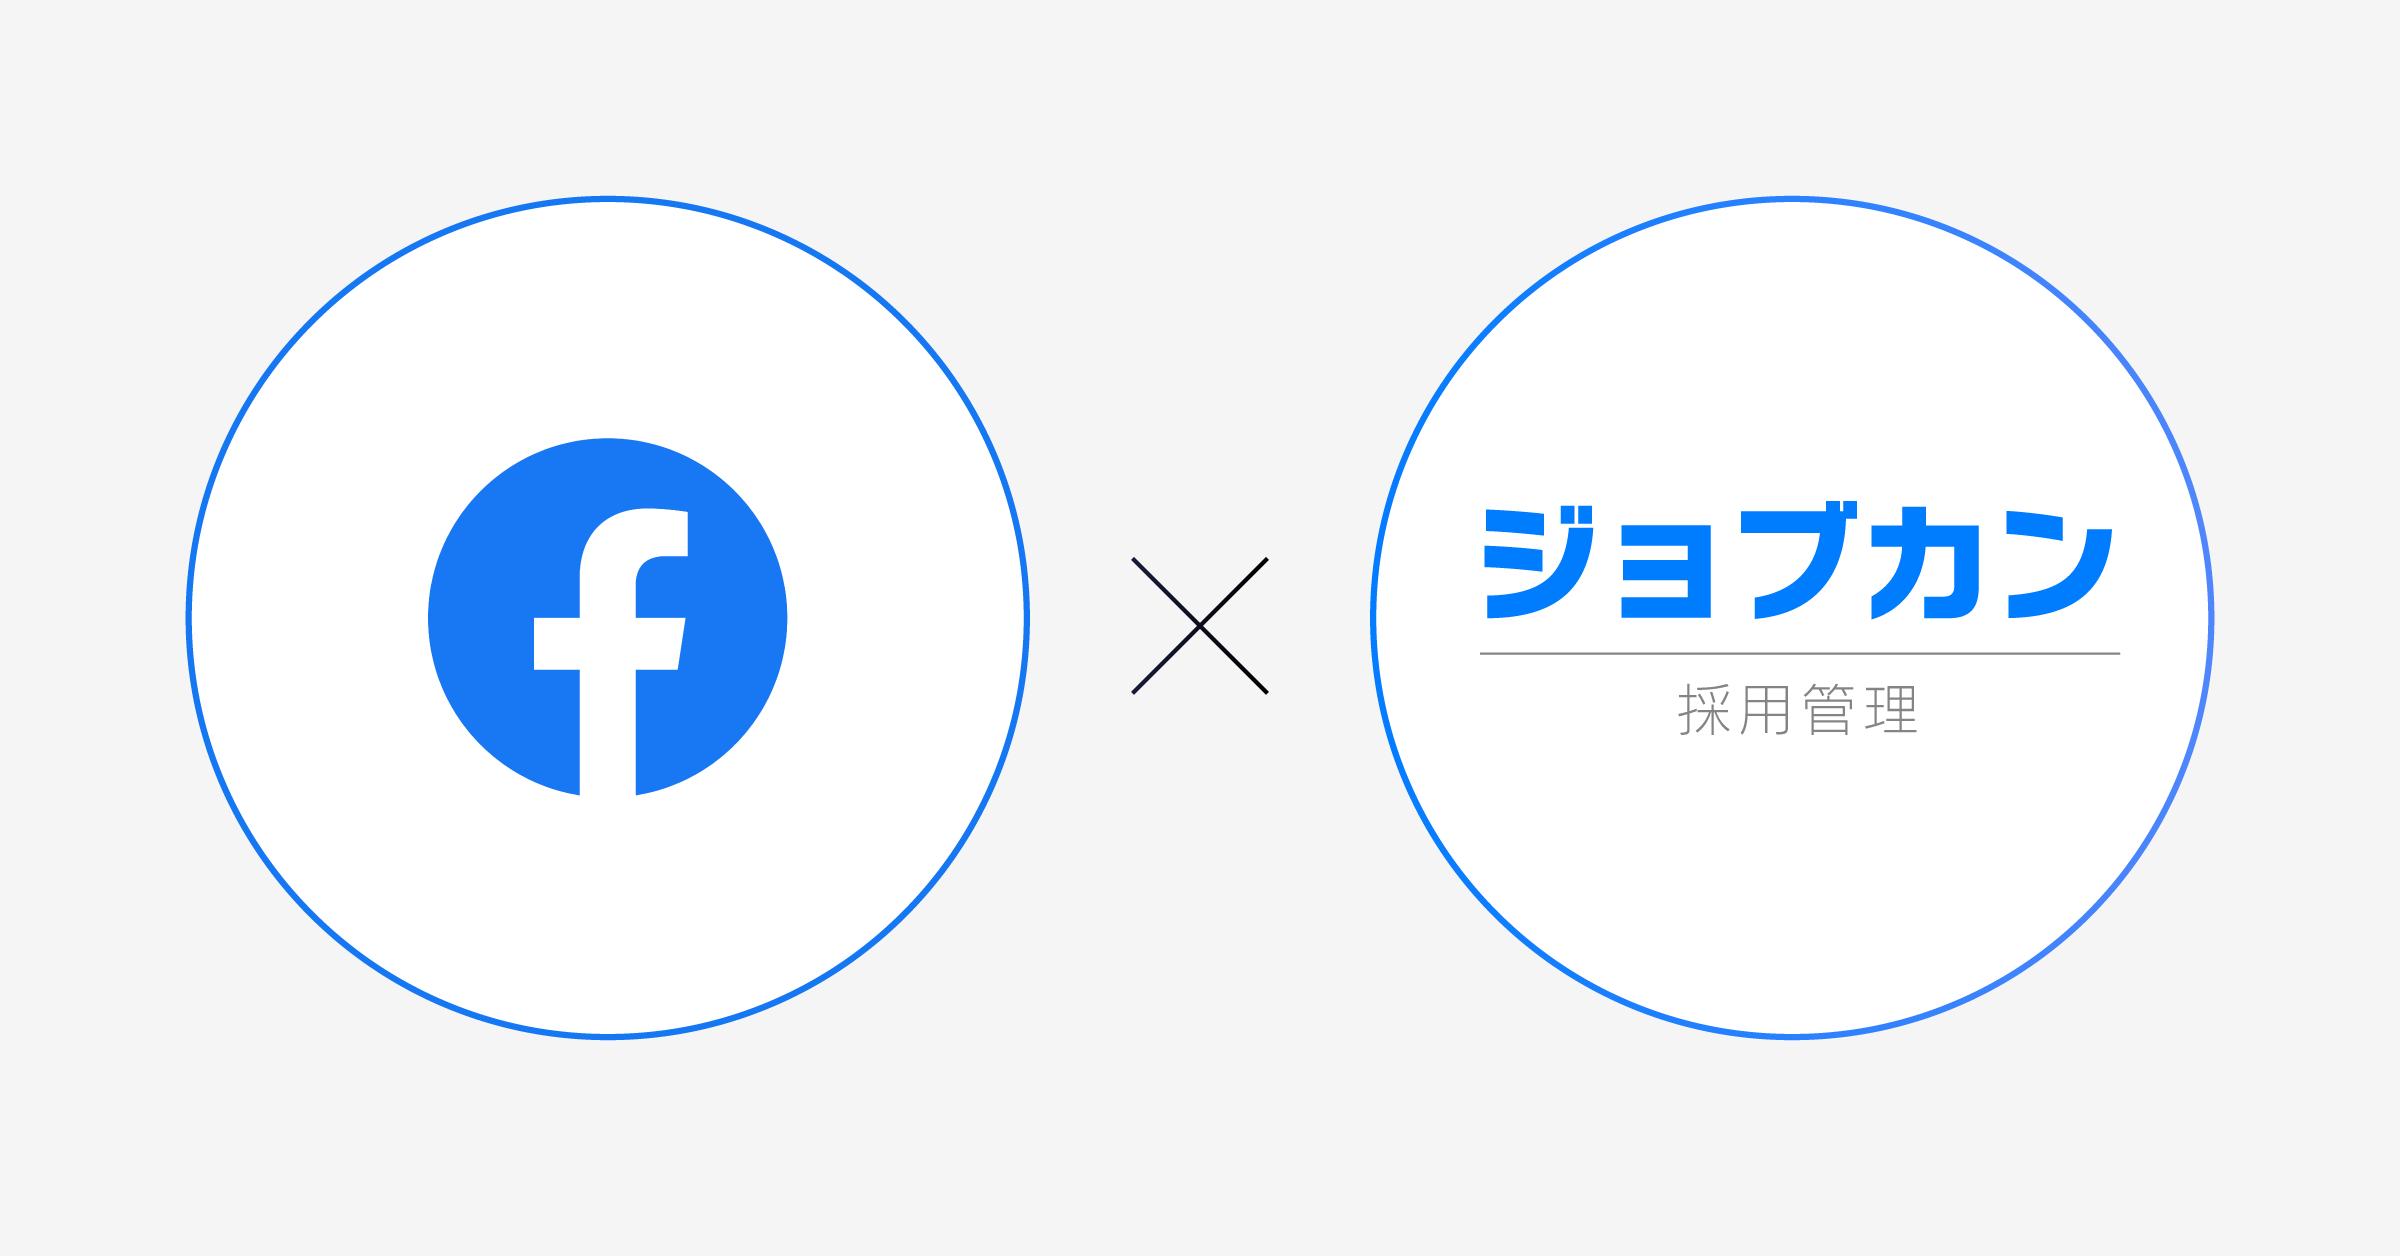 ジョブカン採用管理が「求人情報 on Facebook」と連携。低コスト/効率的に情報を届けるソーシャルリクルーティングを提案。「求人情報 on Facebook」への求人掲載が可能に